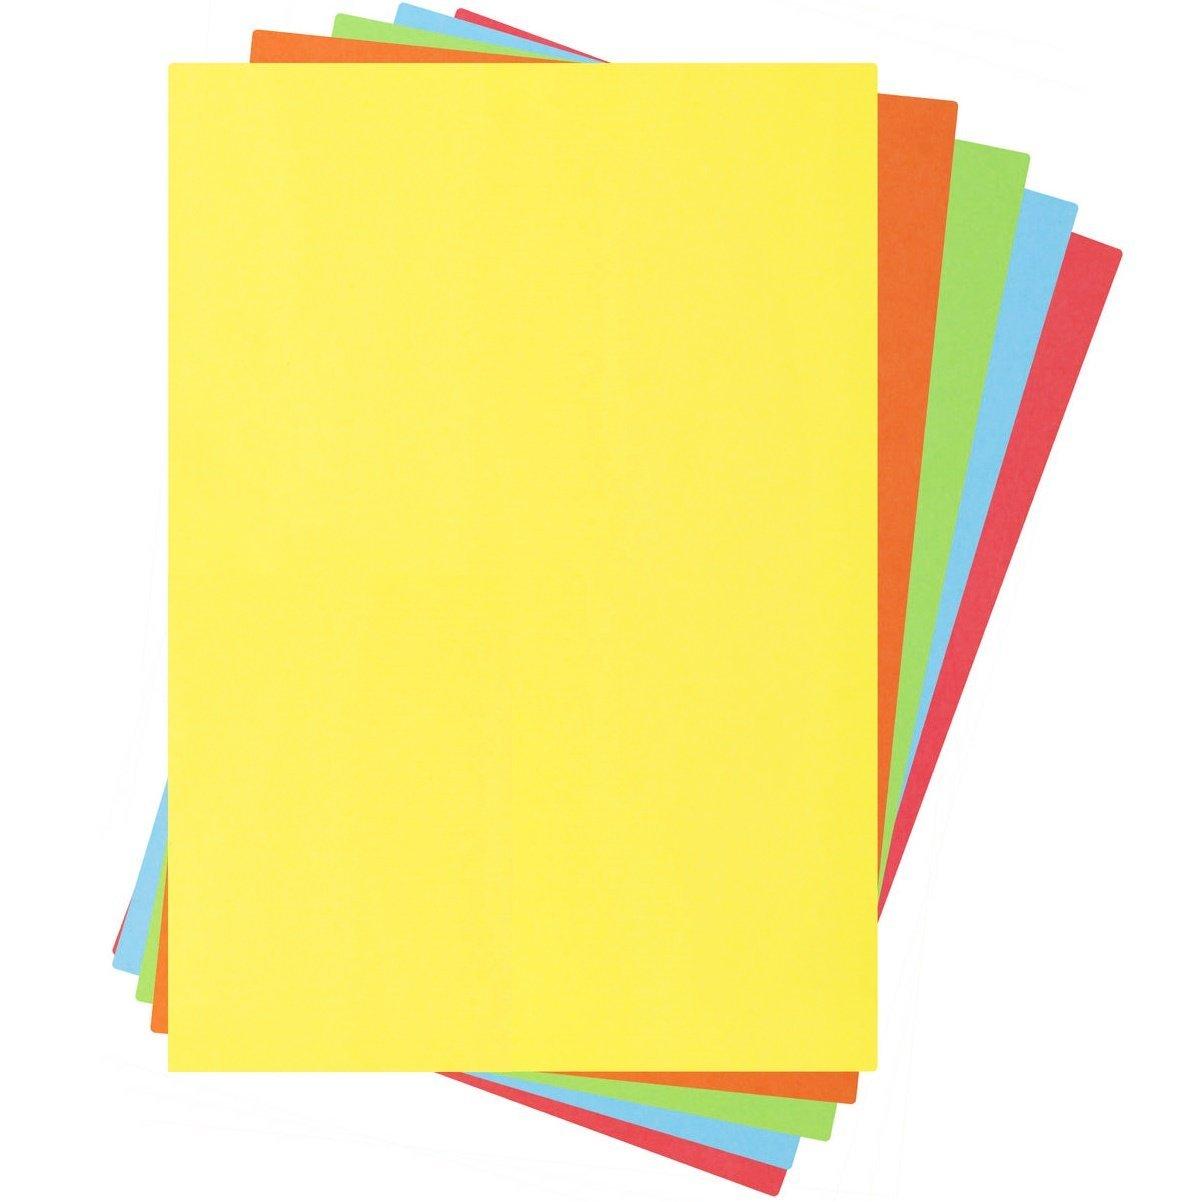 Warna dan bahan - Tips Memilih Kertas F4 untuk Kebutuhan Kantor dan Fotokopi